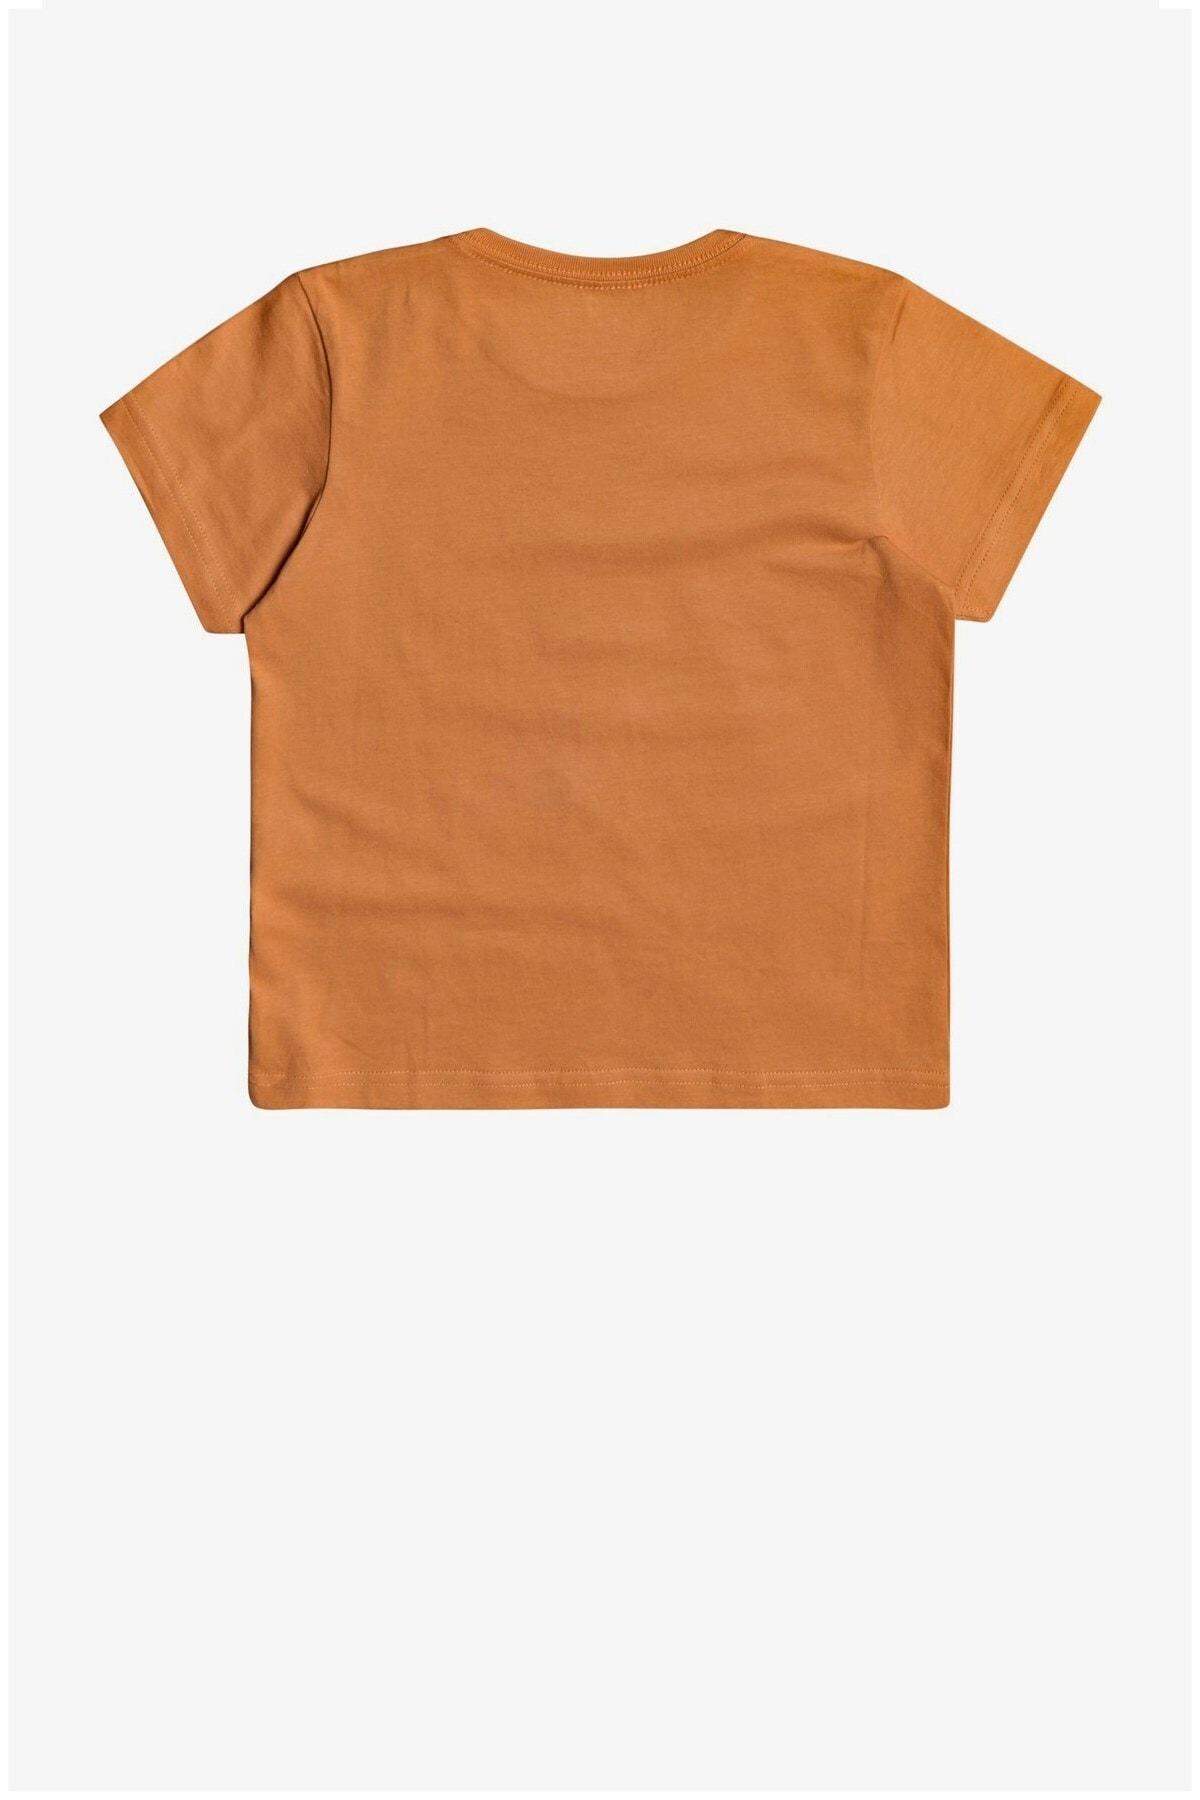 Quiksilver Erkek Çocuk Turuncu Banalleys Boy T-shirt Eqkzt03372-nlf0 2